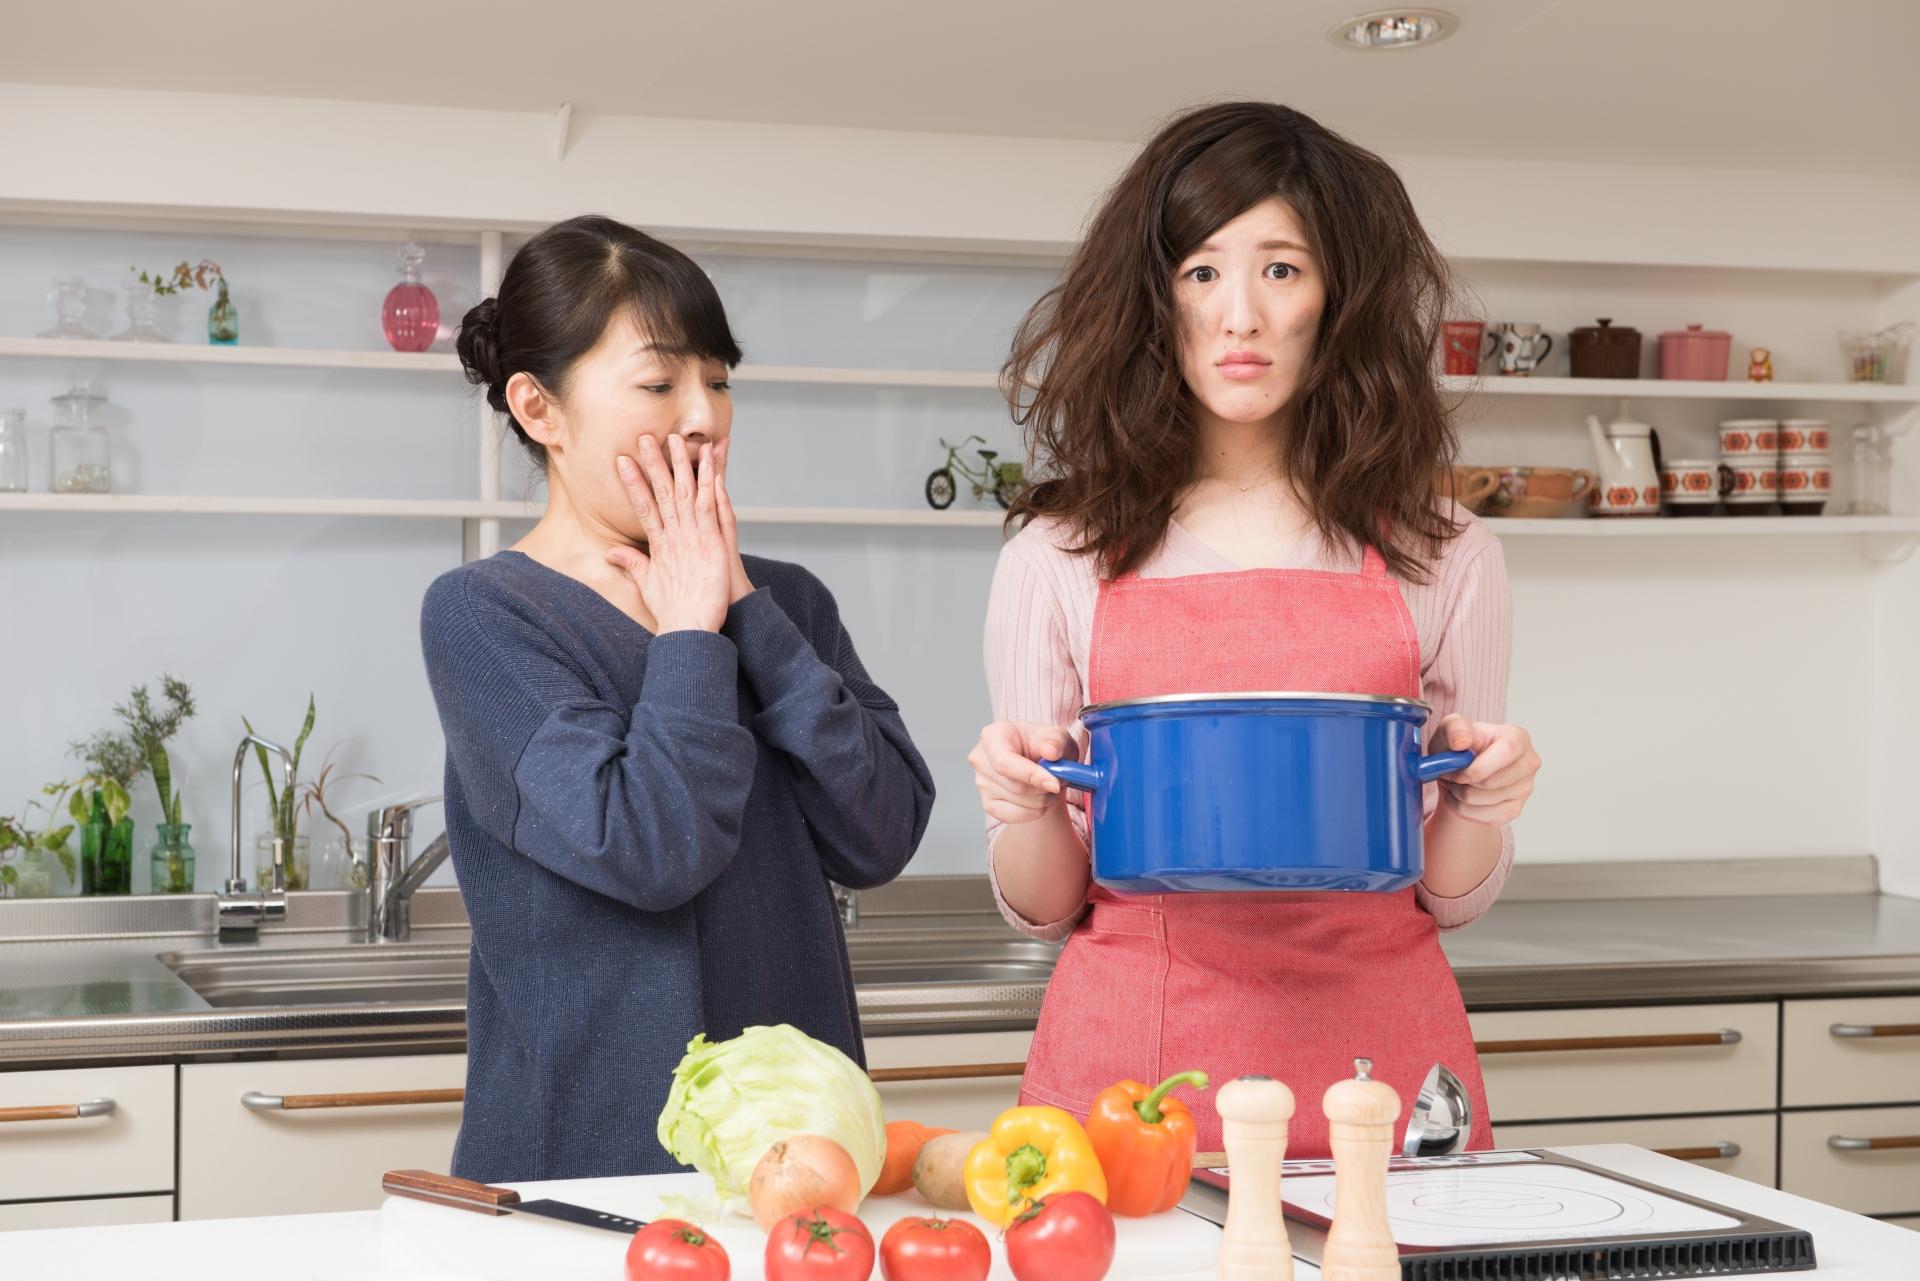 料理がダメ?彼女が料理できないと気づいた時に彼氏が考えること